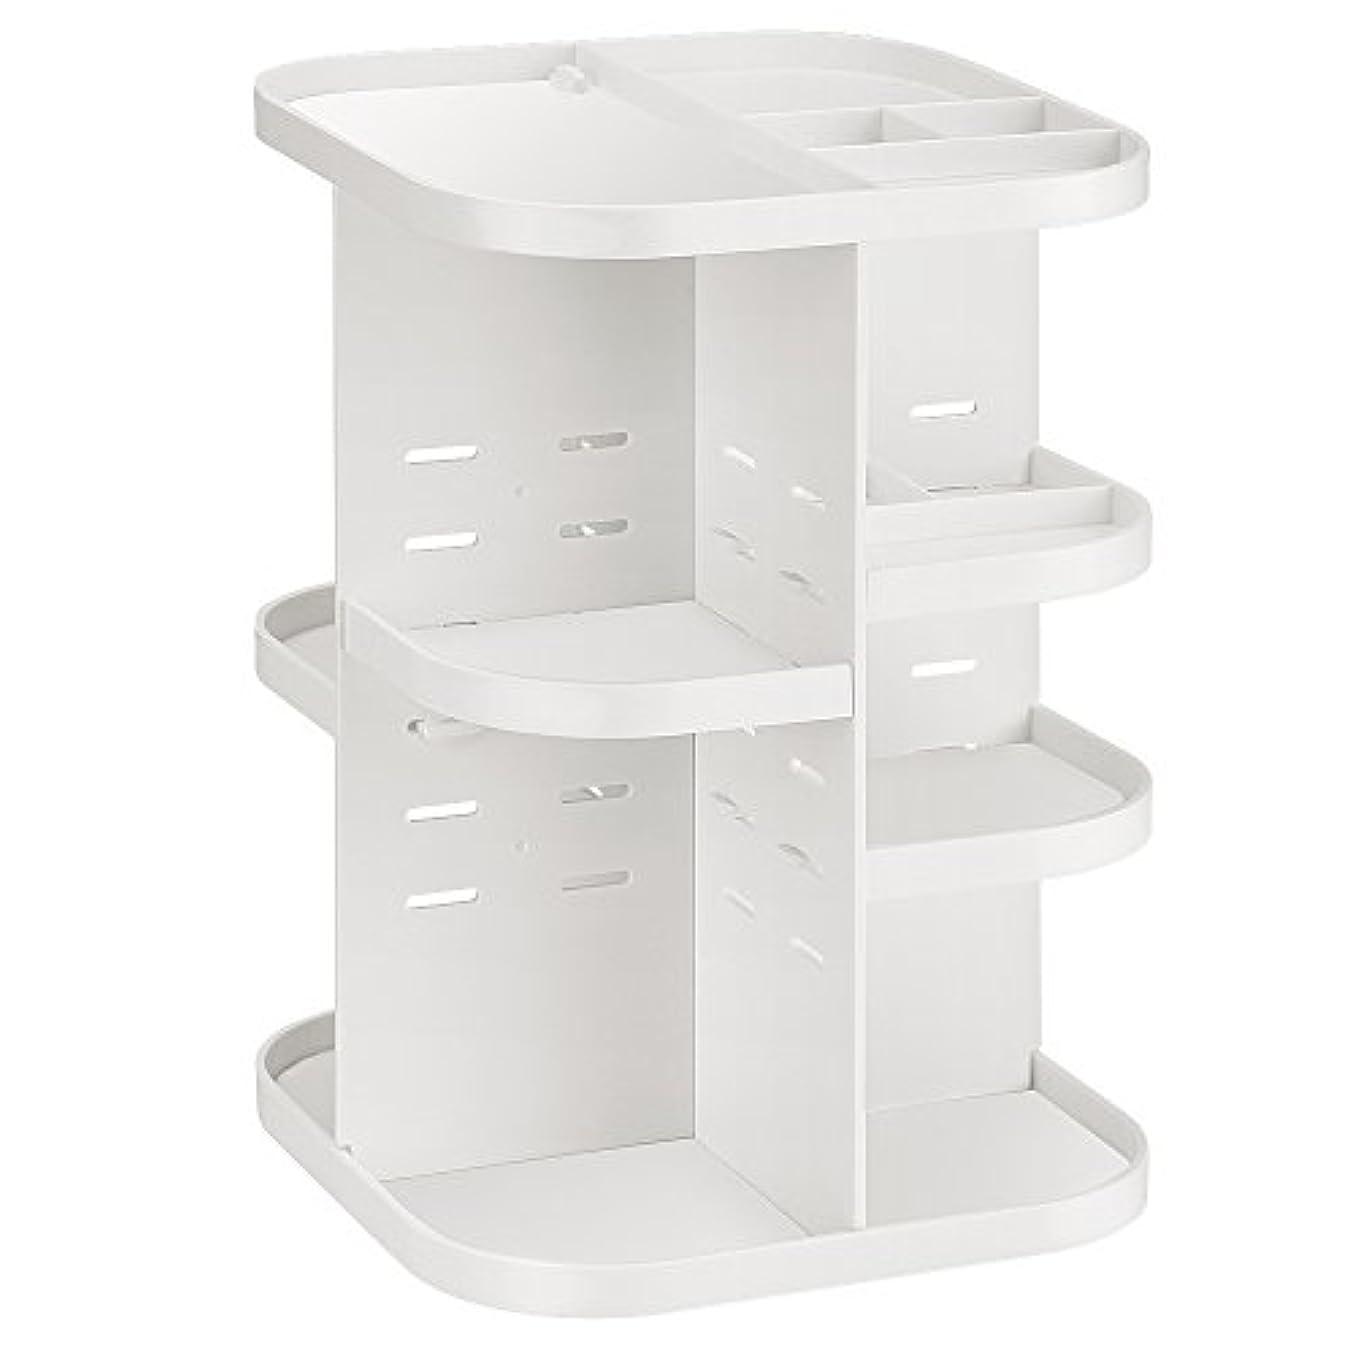 シガレット絶滅みなさんKEDSUM コスメ収納ボックス メイクボックス 360度回転式 調節可能 コンパクト 化粧品収納スタンド メイクスタンド ホワイト (日本語組立説明書付き)